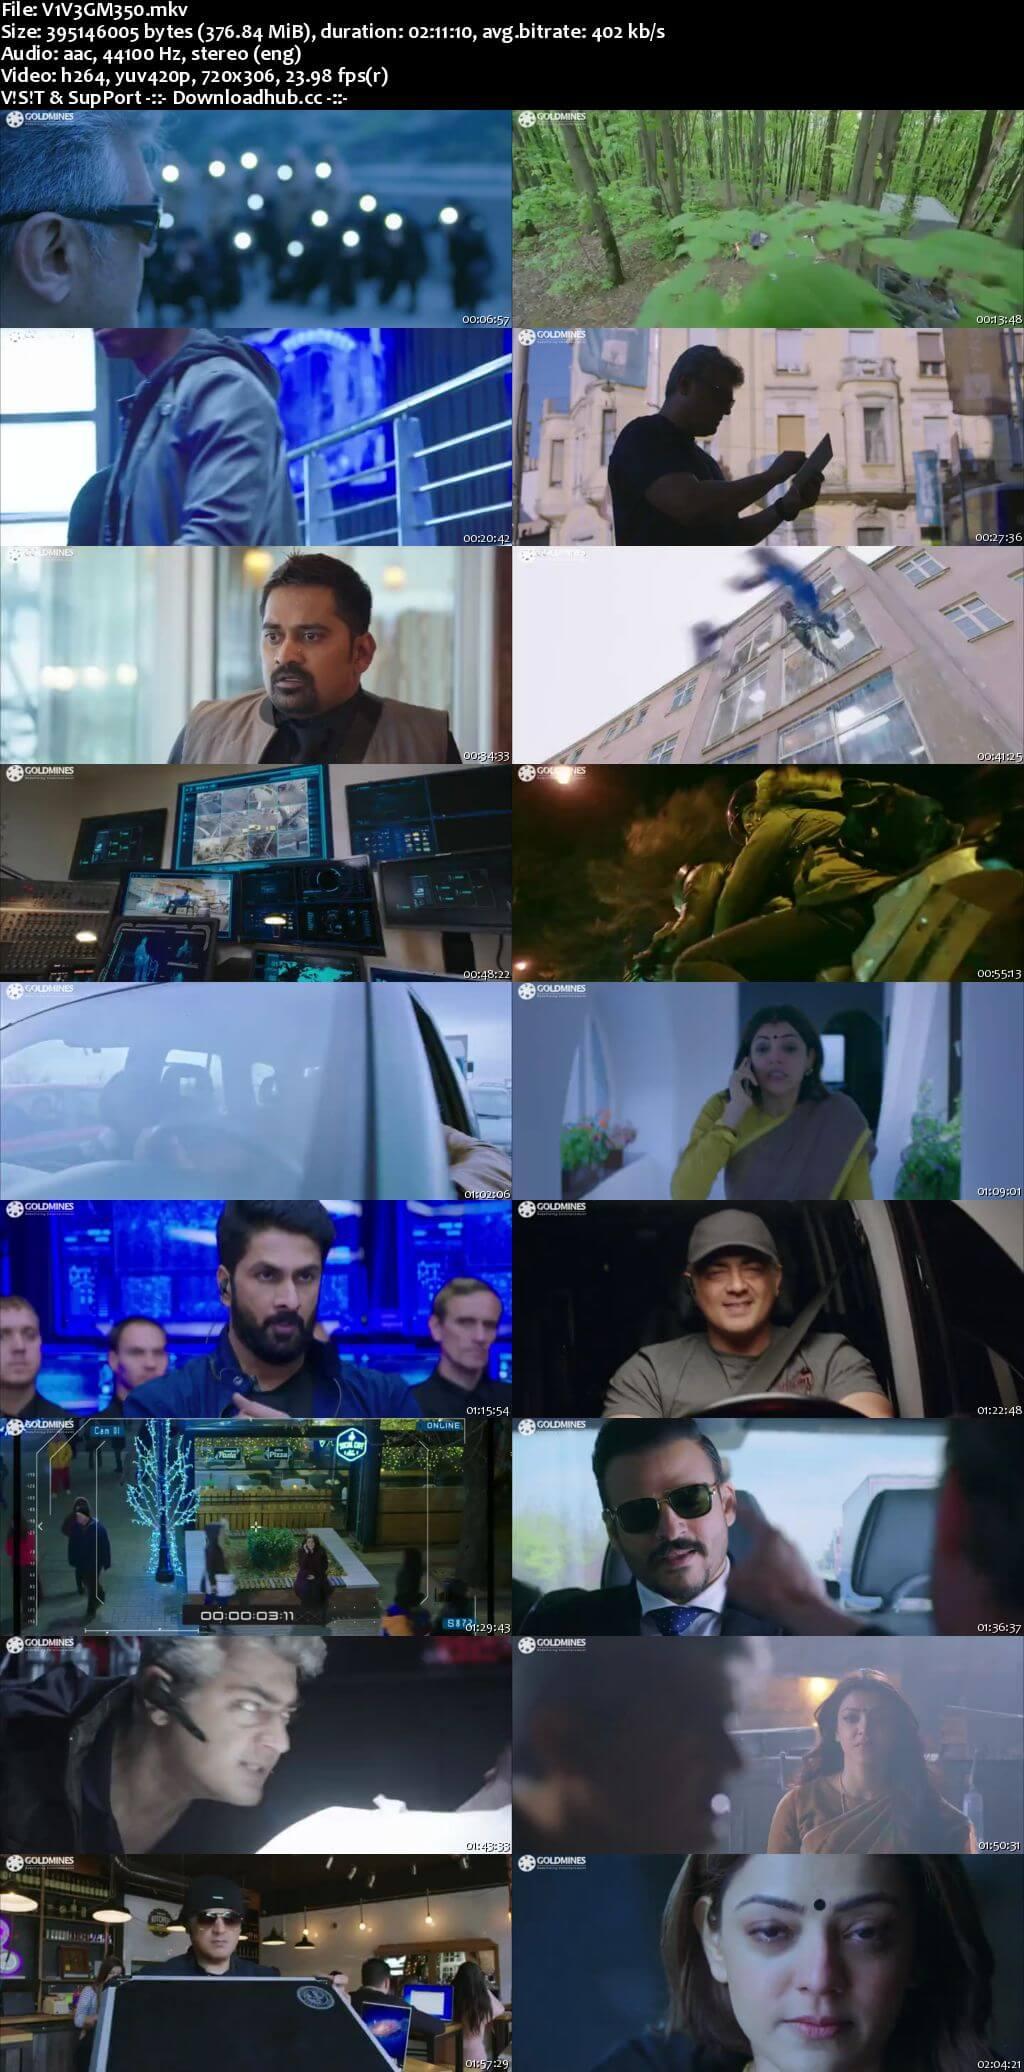 Vivegam 2018 Hindi Dubbed 480p HDRip